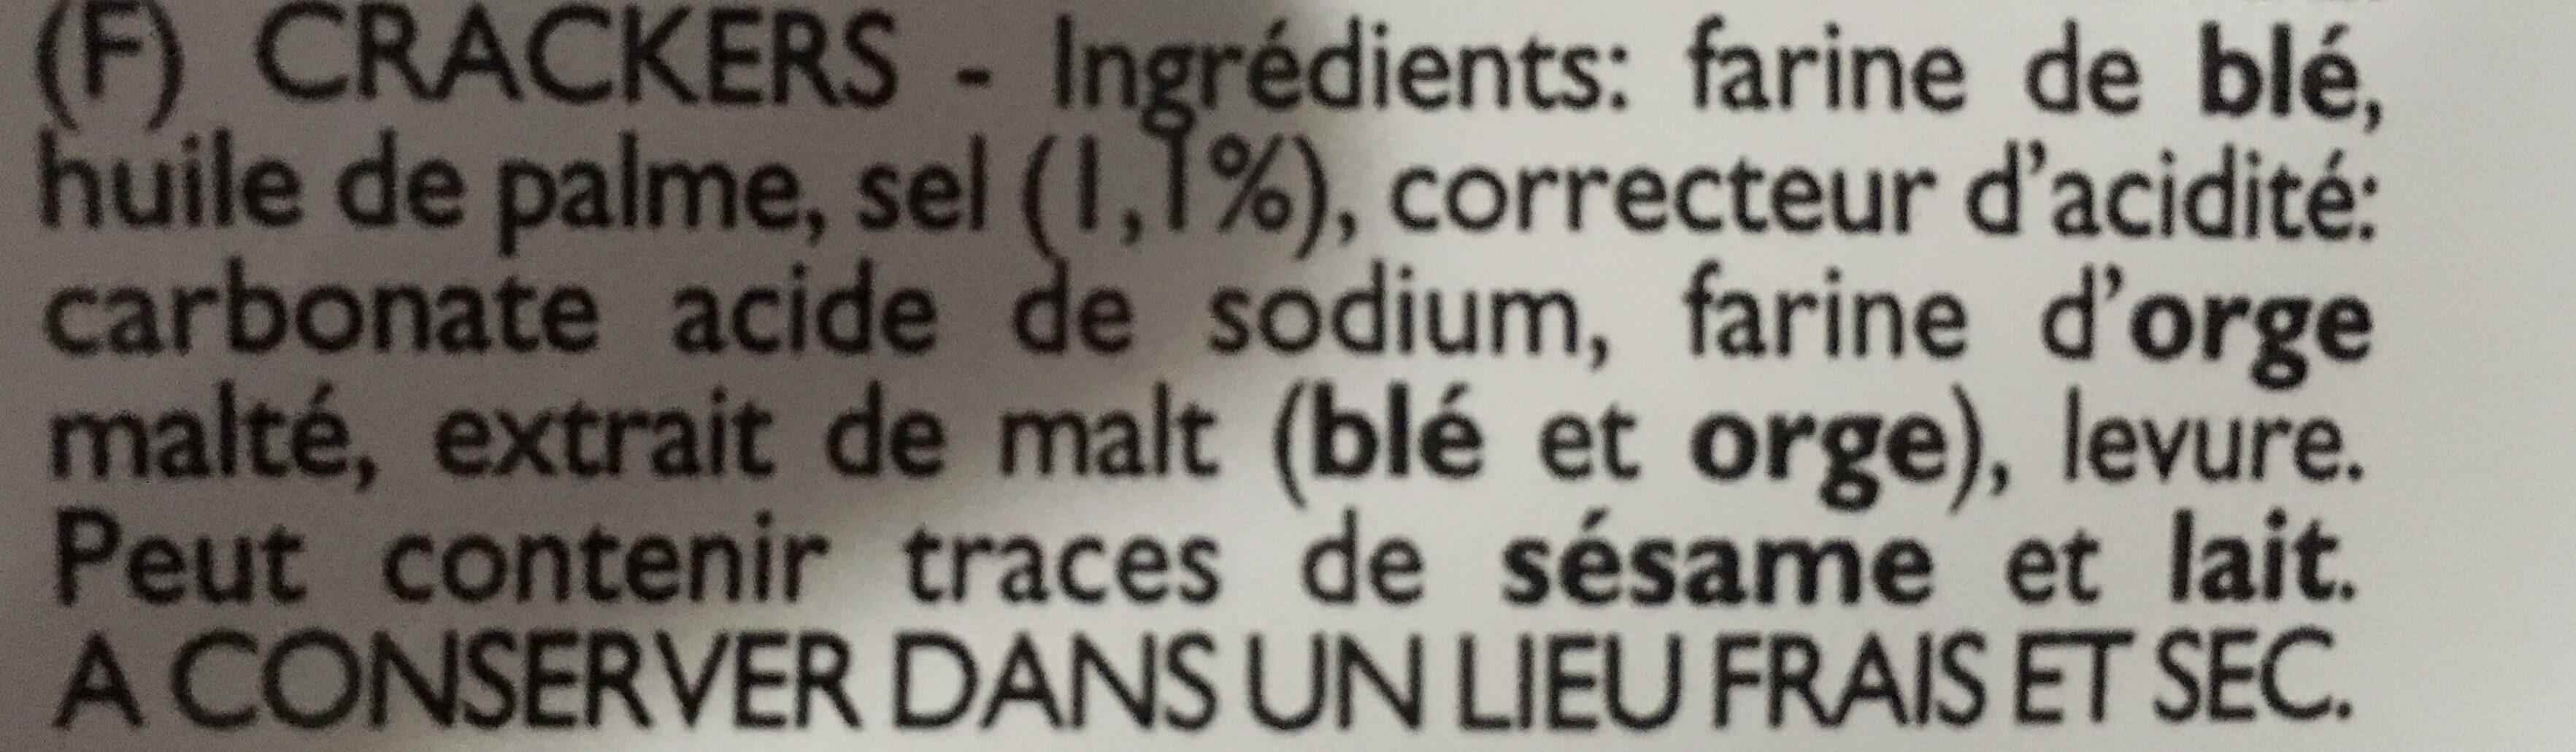 Cracker Non Sale - Ingrediënten